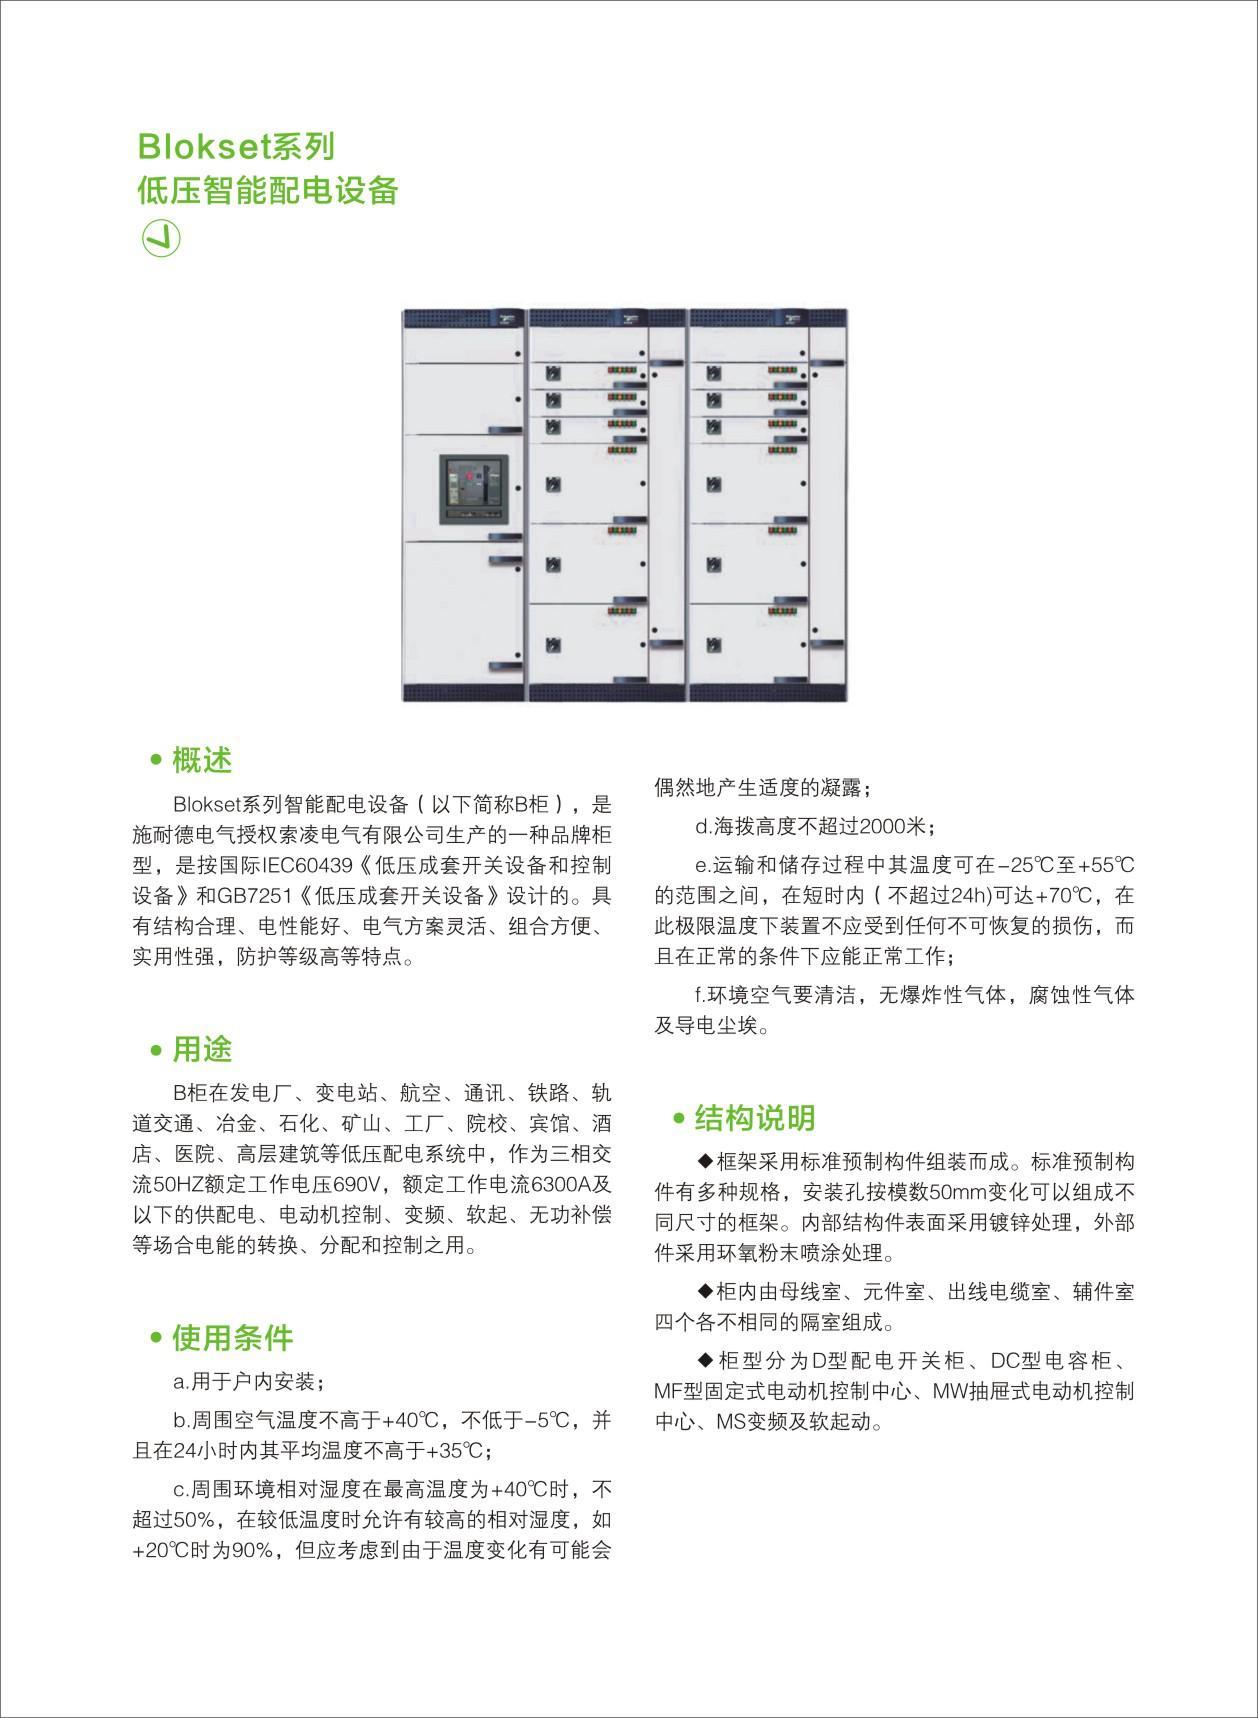 Blokset系列智能配電設備-01